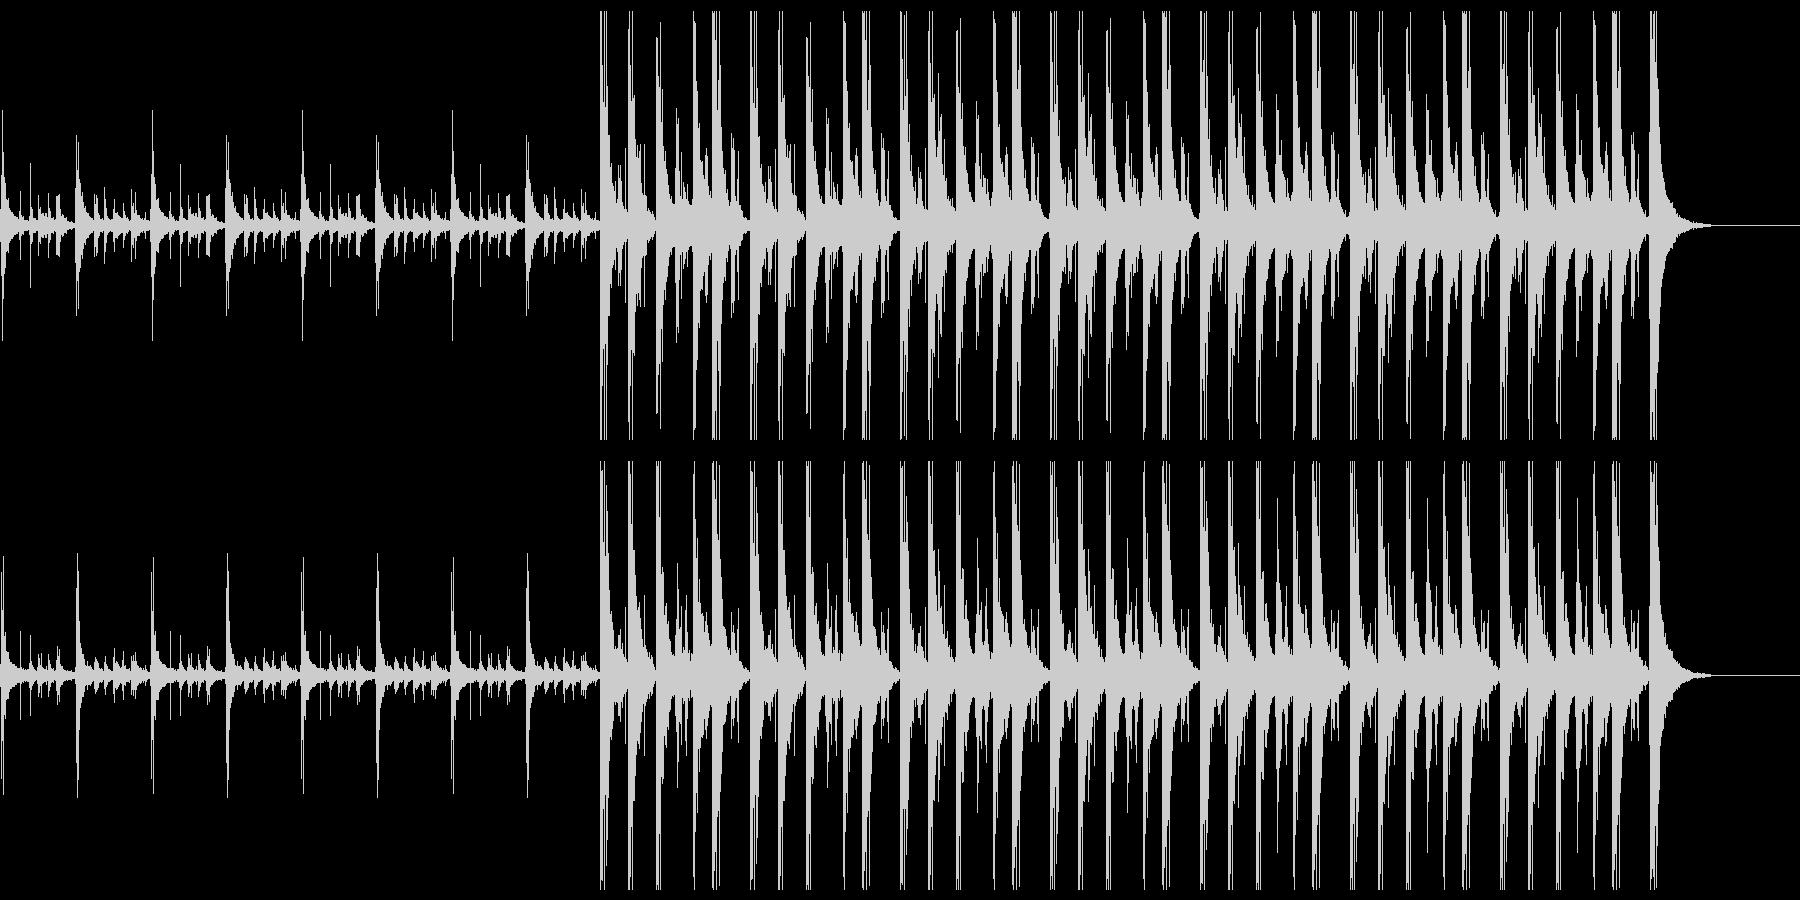 24秒 エスニックな手拍子の未再生の波形